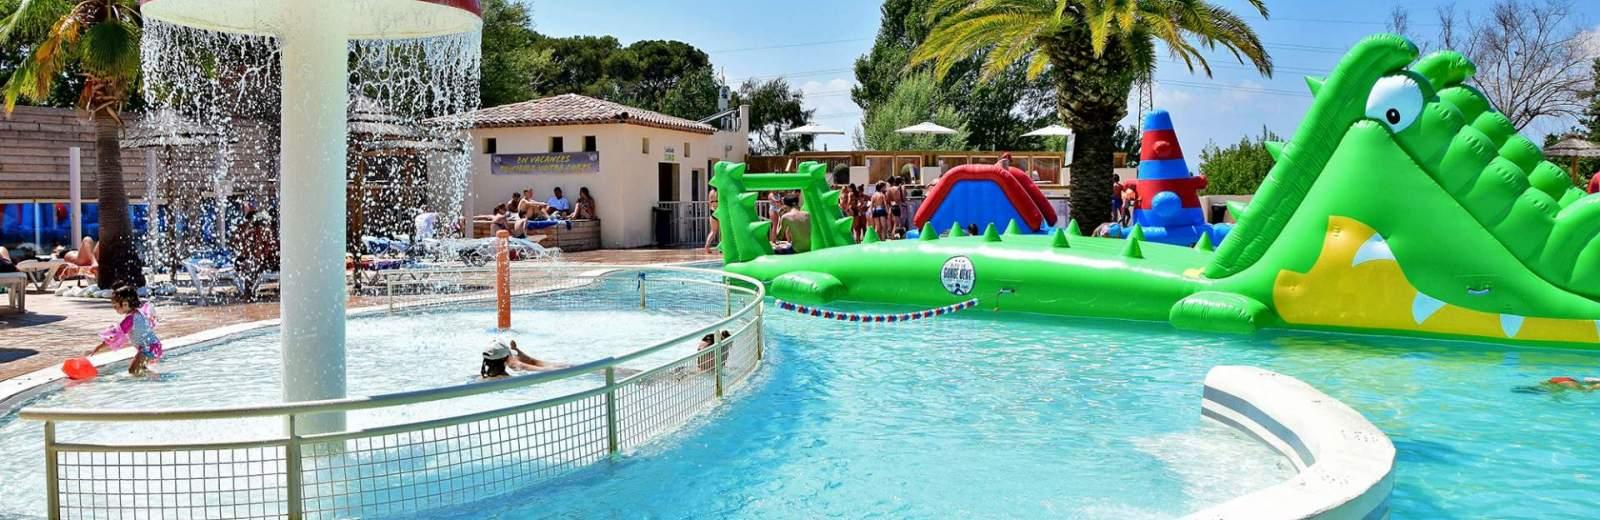 L'espace aquatique du camping comporte une piscine chauffée avec des structures gonflables pour les enfants